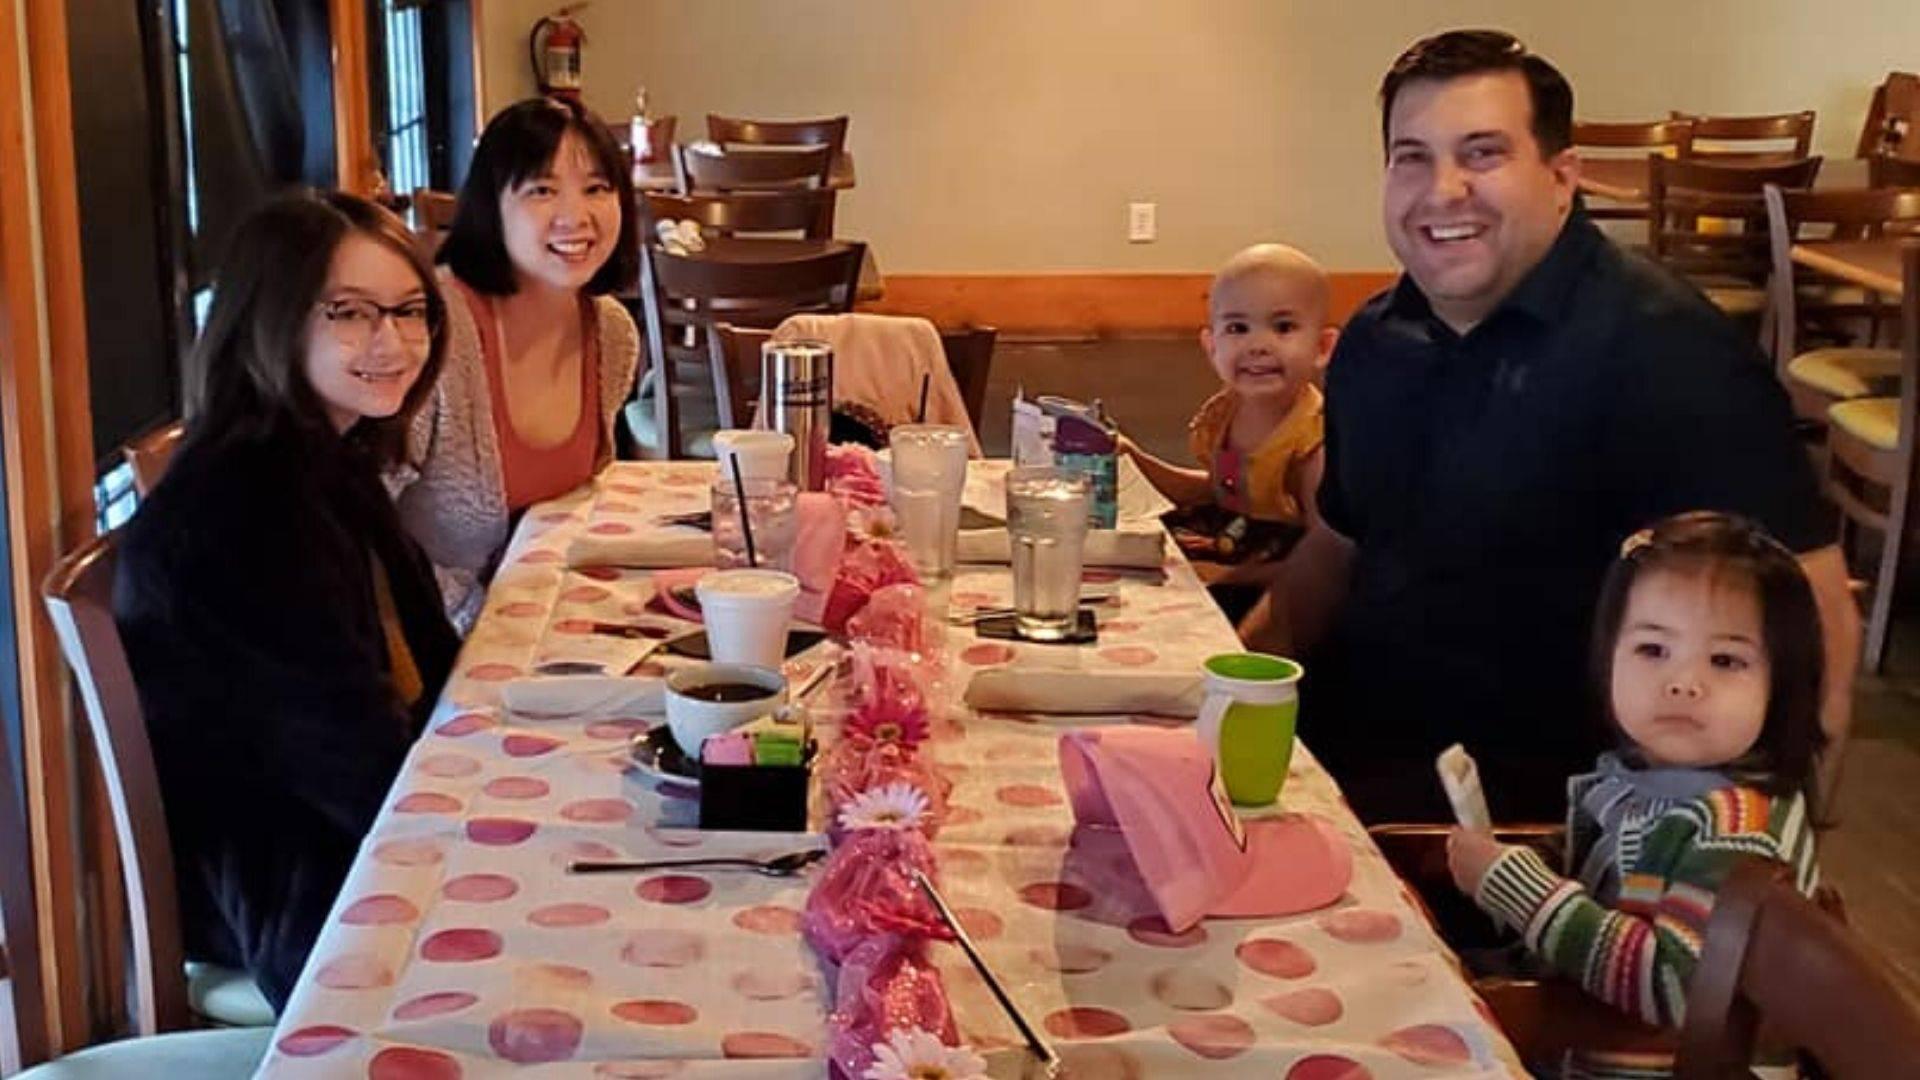 Adelaide Stanley com seus pais e irmãs no restaurante J. Wilson's no último dia 26 de janeiro. | Foto: Facebook/Vanlam Nguyen